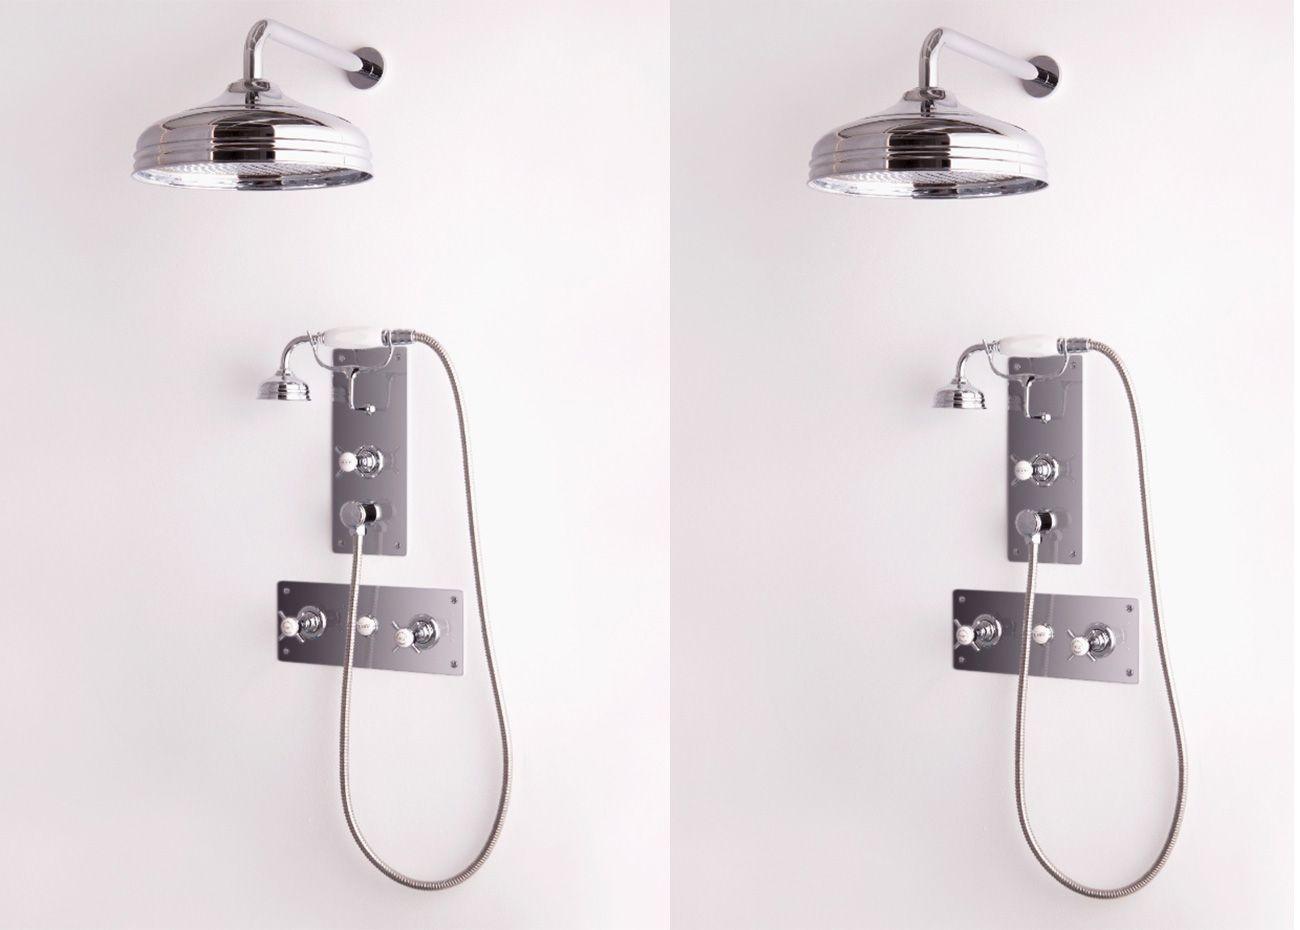 Badkamer Douche Kranen : Beaufort douchekranen opbouw en inbouw klassieke douchekraan